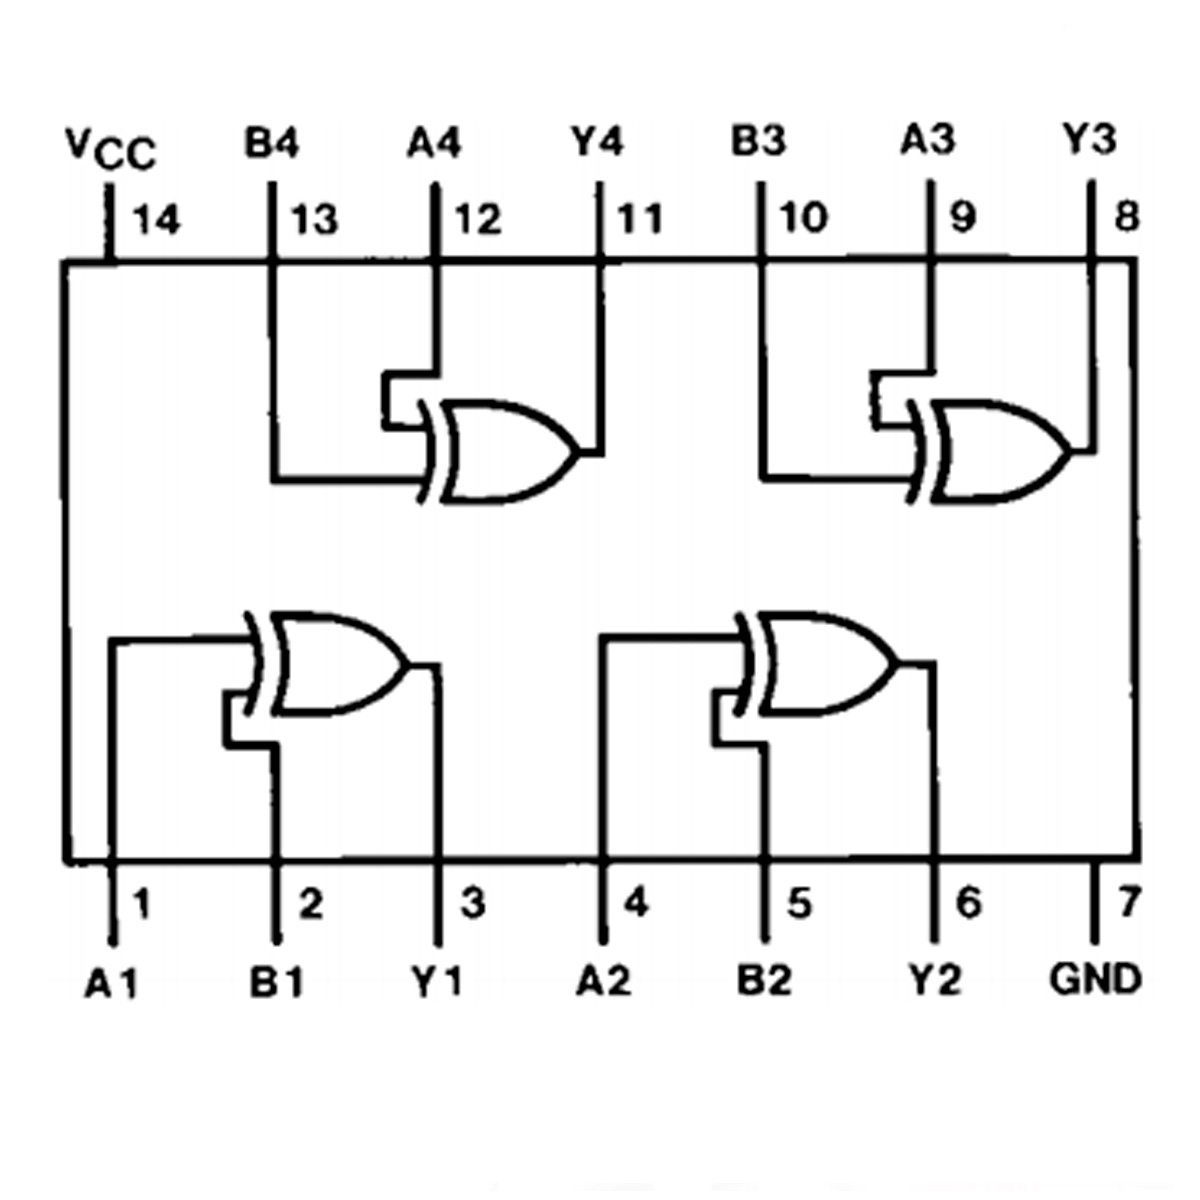 Circuito Integrado Xor Circuito Integrado Xor Compuerta Codigo Electronica Circuito Integrado